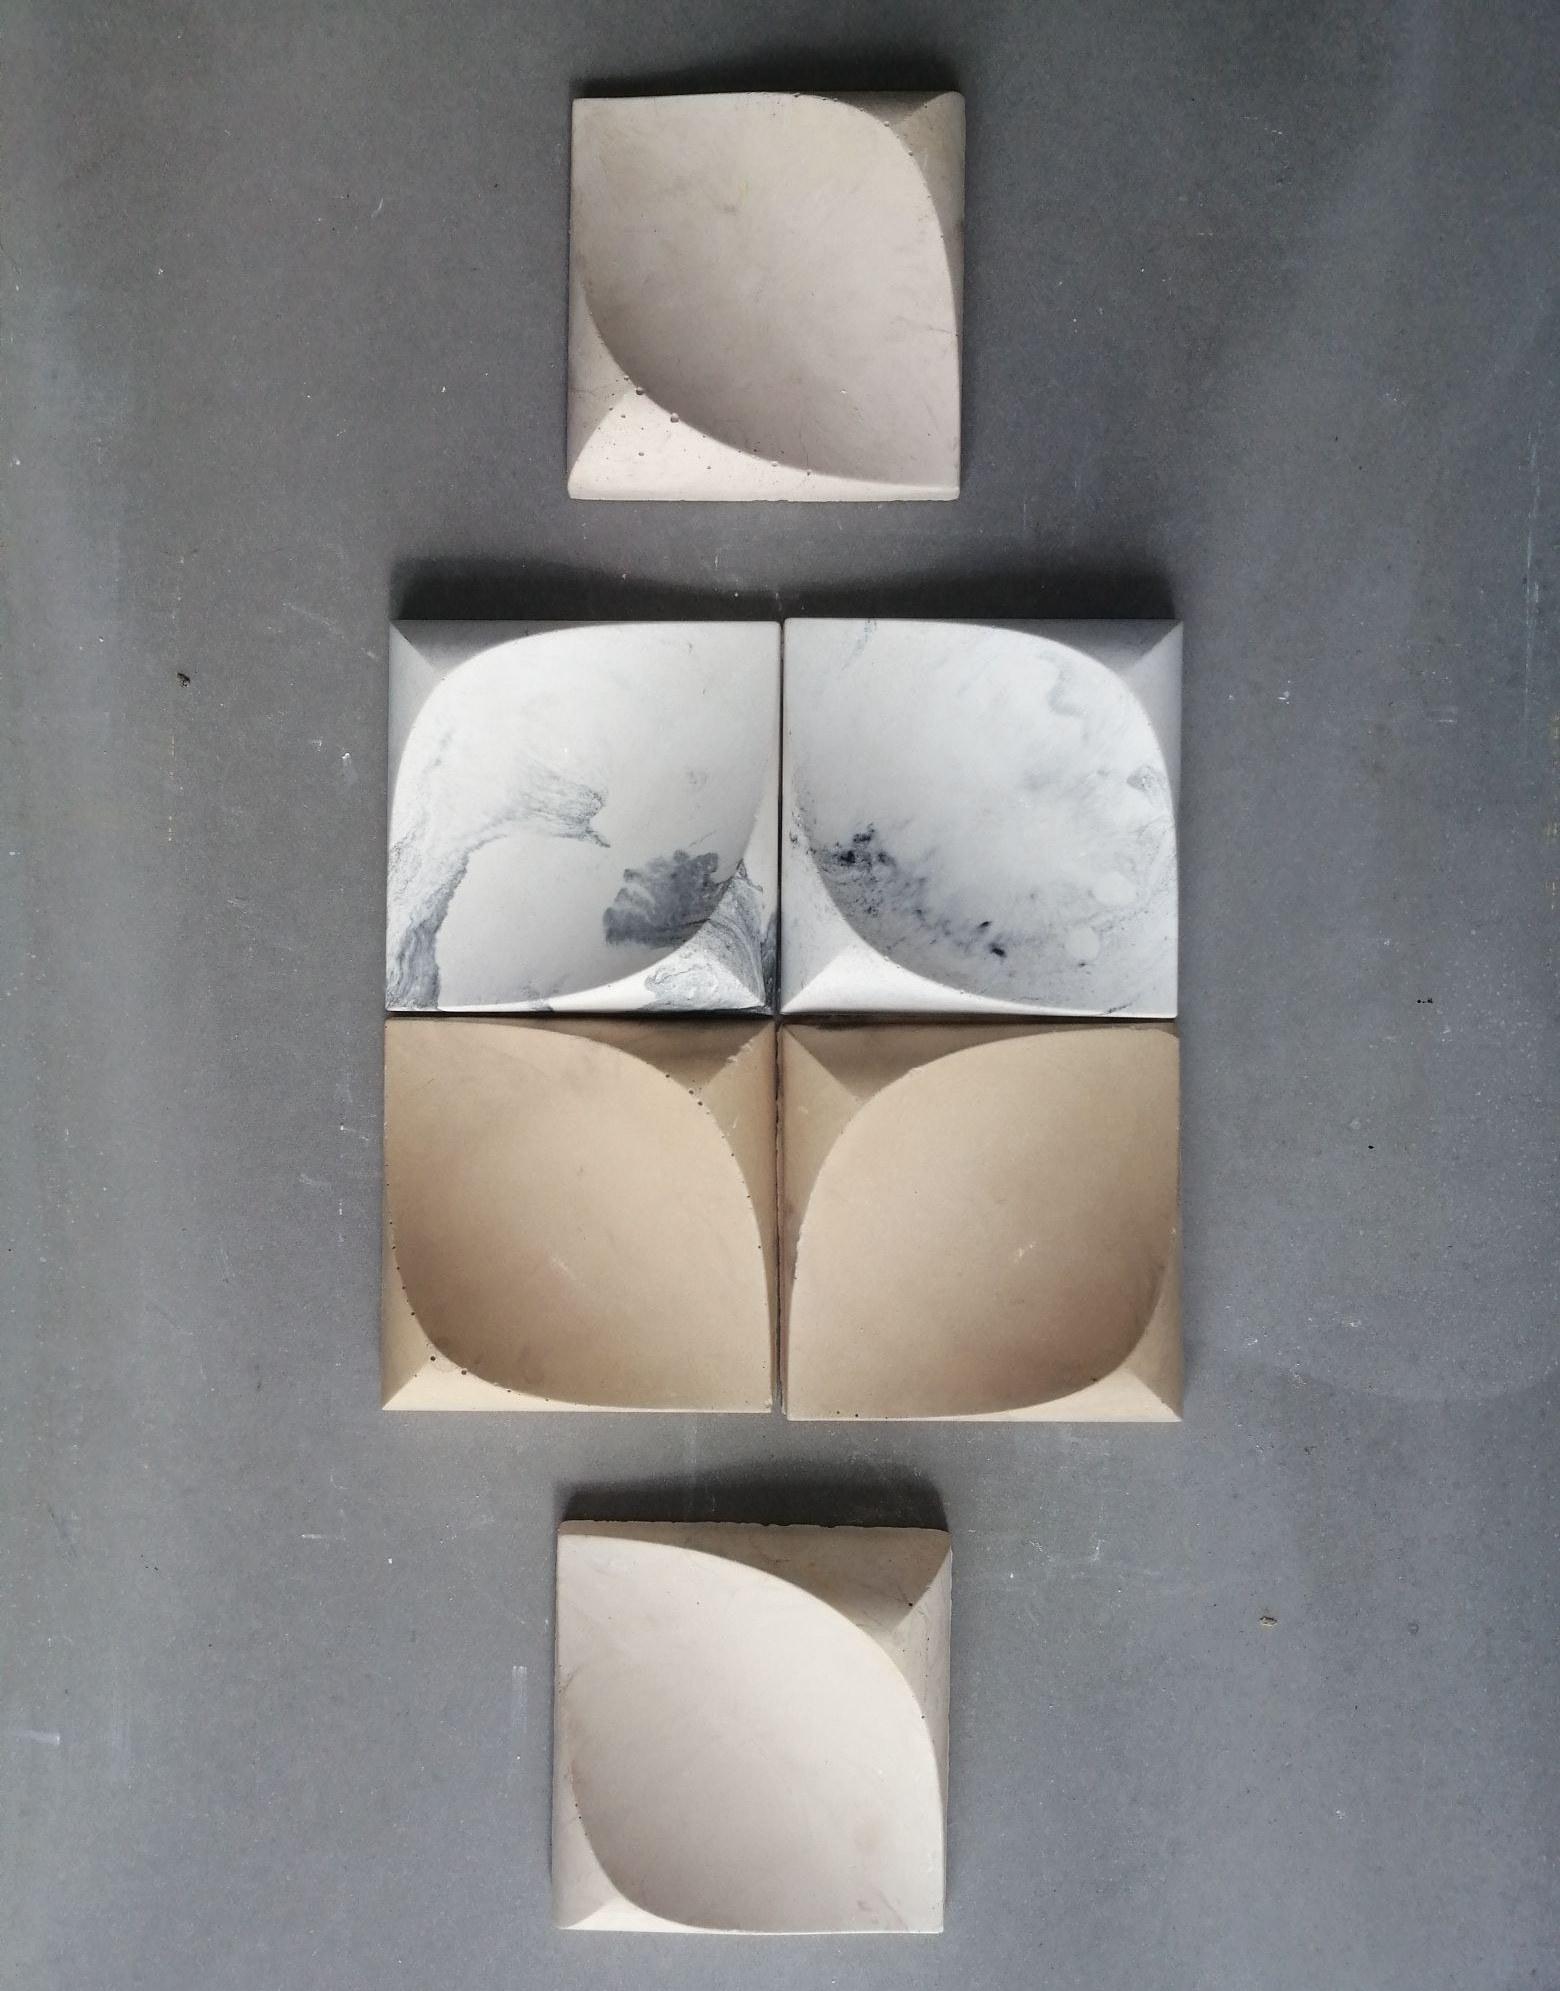 تصویر سنگ مصنوعی مدل پرنیان